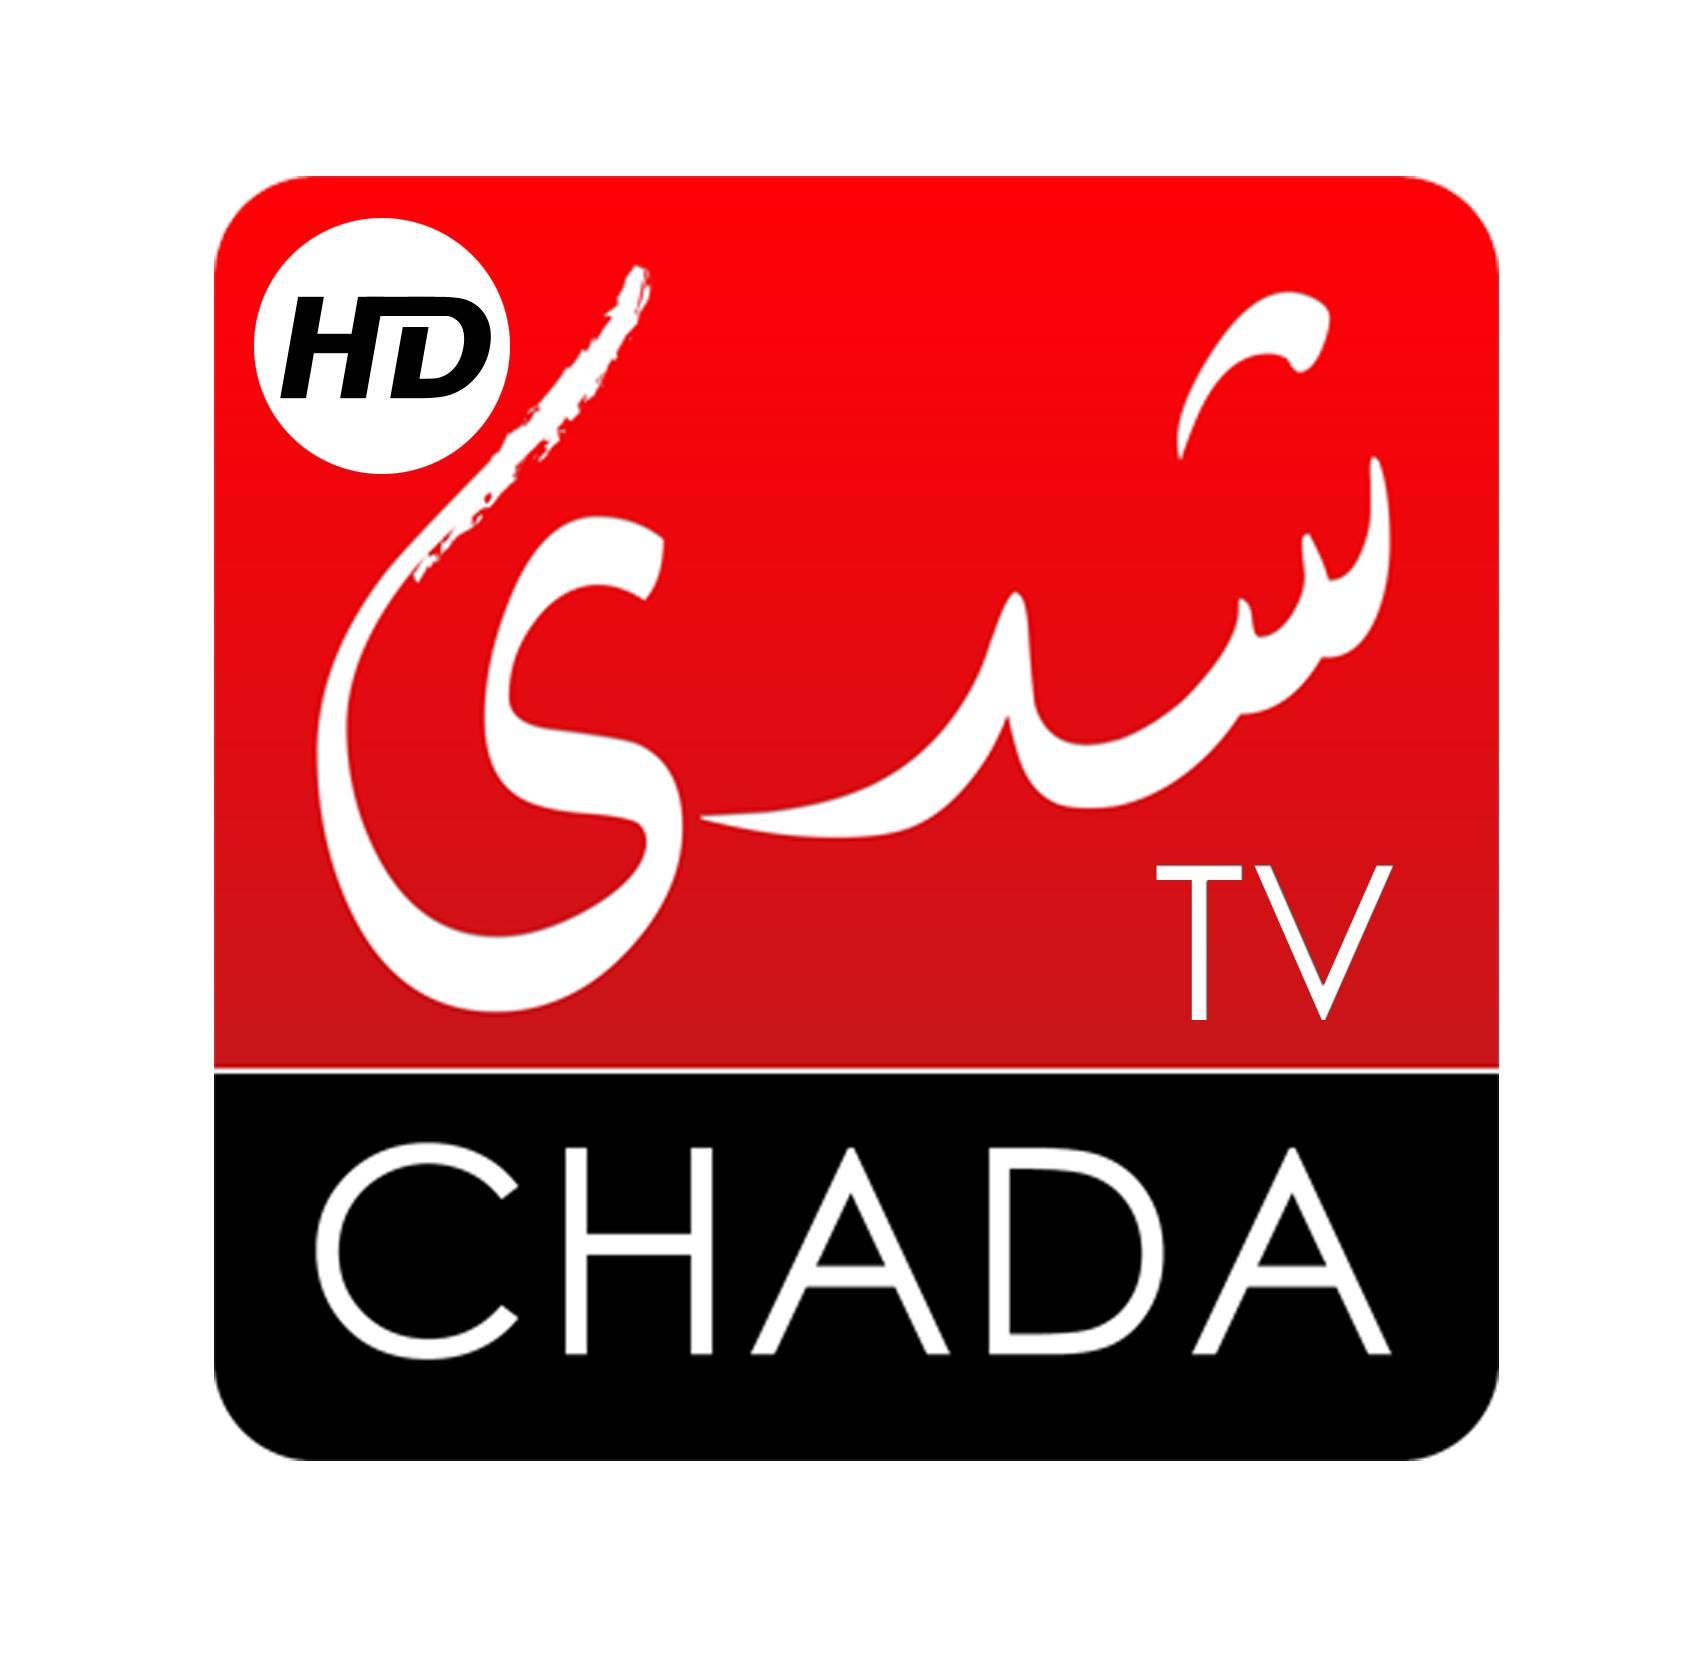 Chada TV